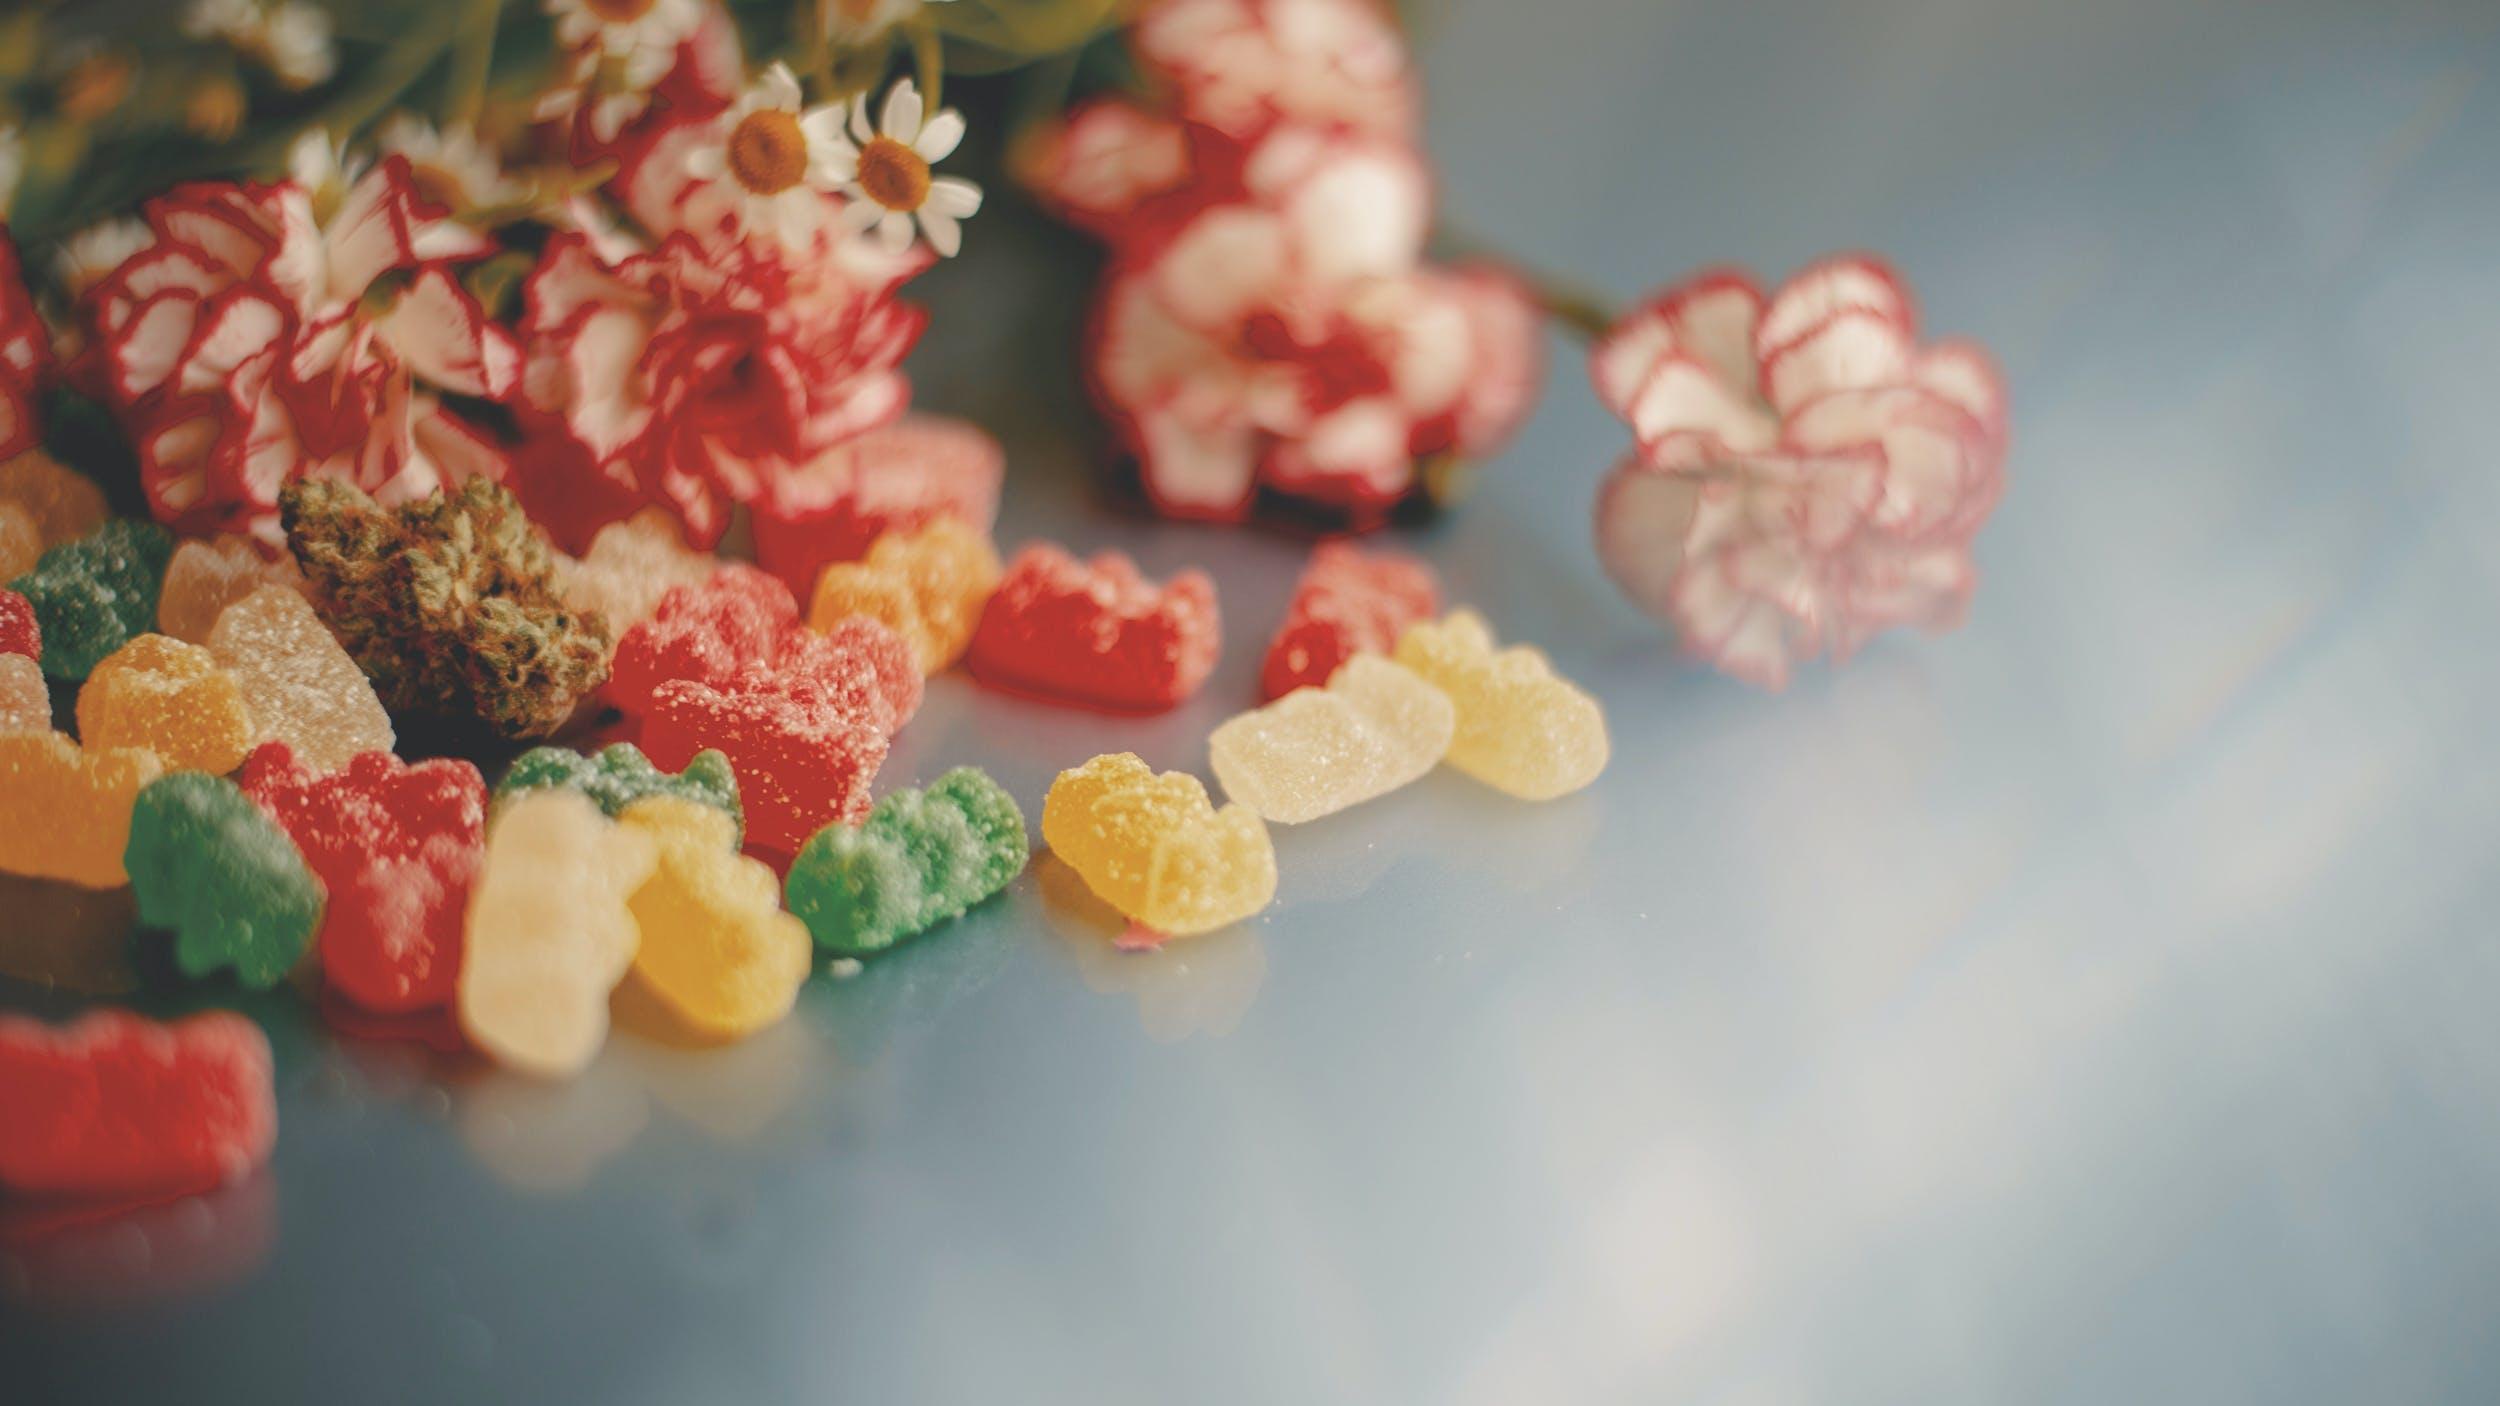 Best CBD Gummies 9 Love Edibles but not THC? Here are the Best CBD Gummies